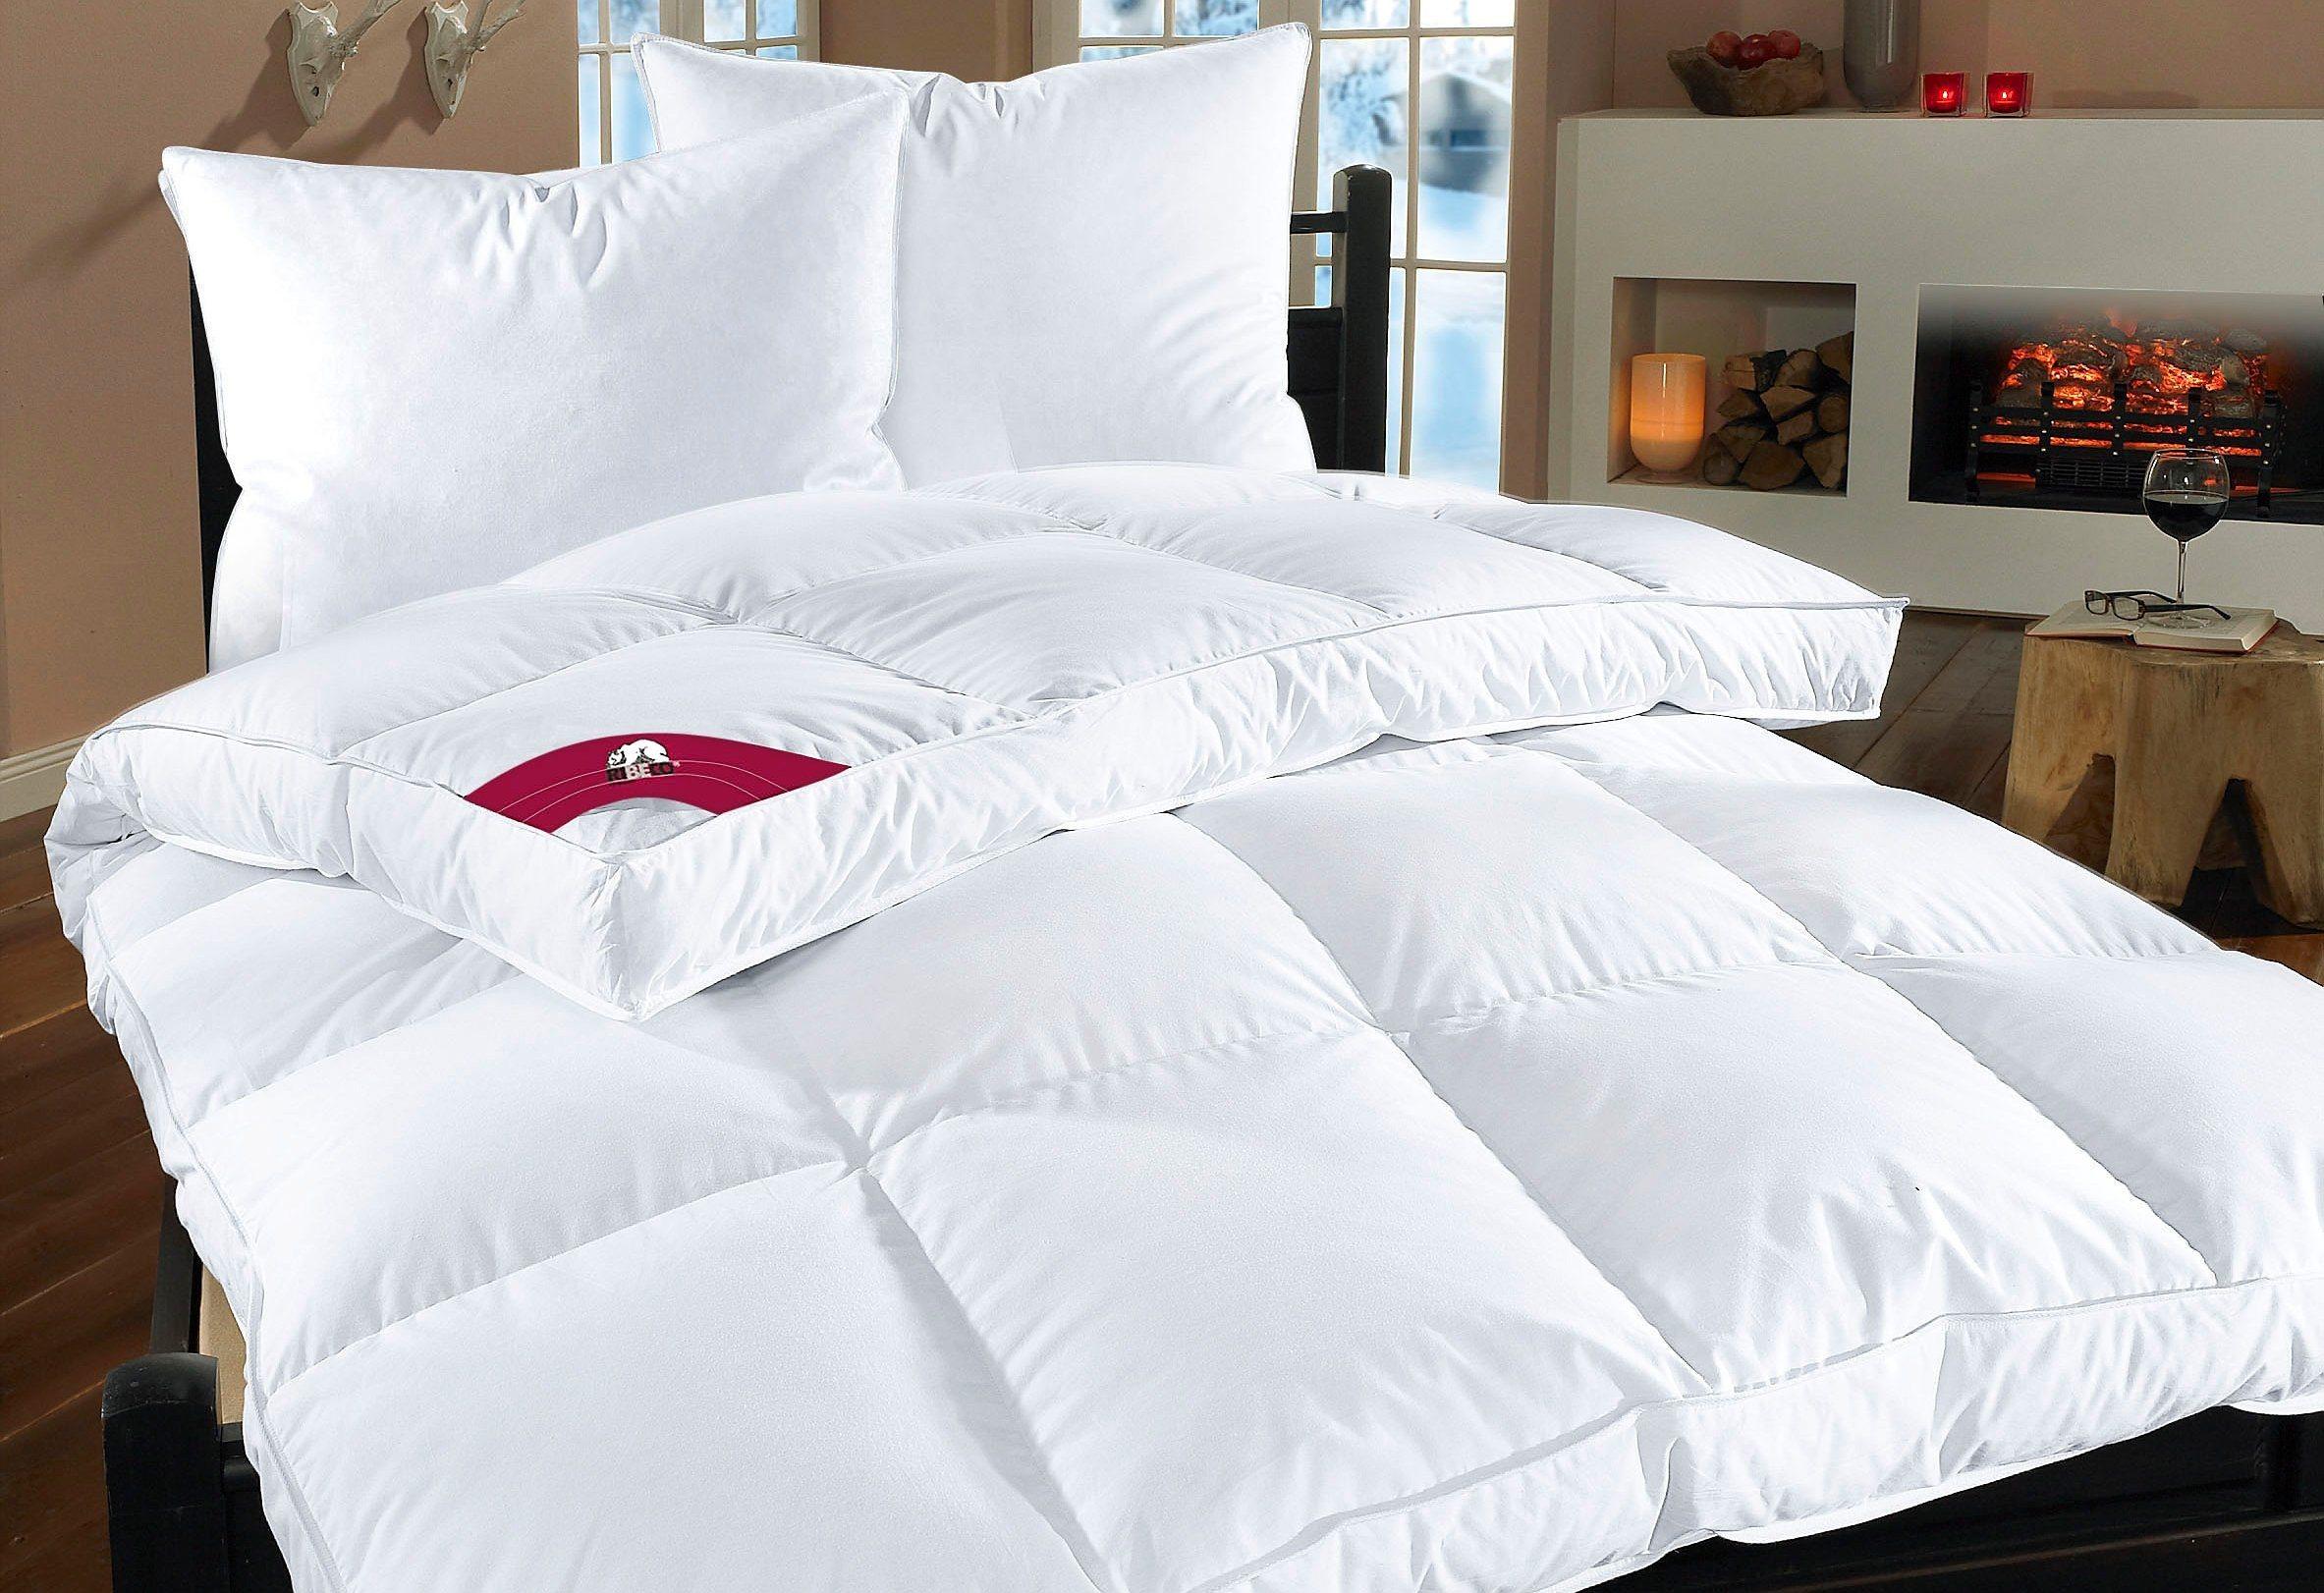 Federbettdecke, »extra prall«, RIBECO, extrawarm, Bezug: 100% Baumwolle, (1-tlg), Extra hoher Außensteg für viel Volumen | Heimtextilien > Decken und Kissen > Bettdecken | Weiß | Federn - Baumwolle | RIBECO